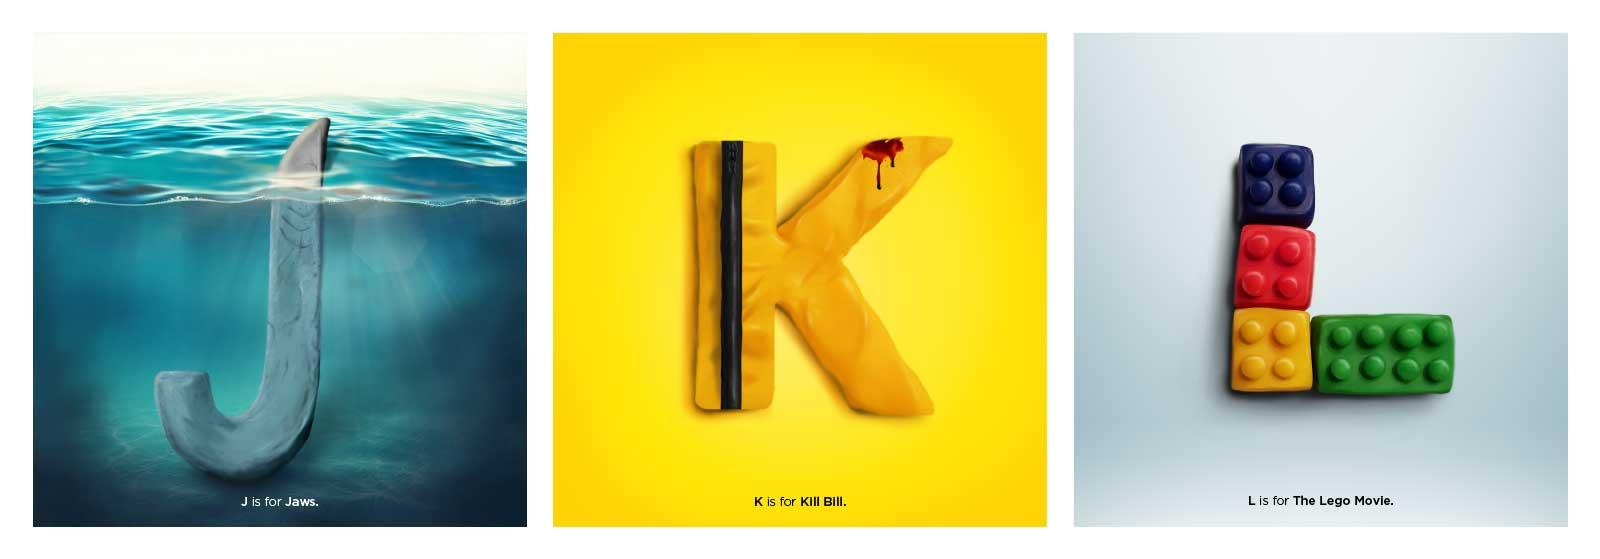 Film-Alphabet aus Knet-Buchstaben 36-days-of-type-and-movie-Marv-Castillo_05